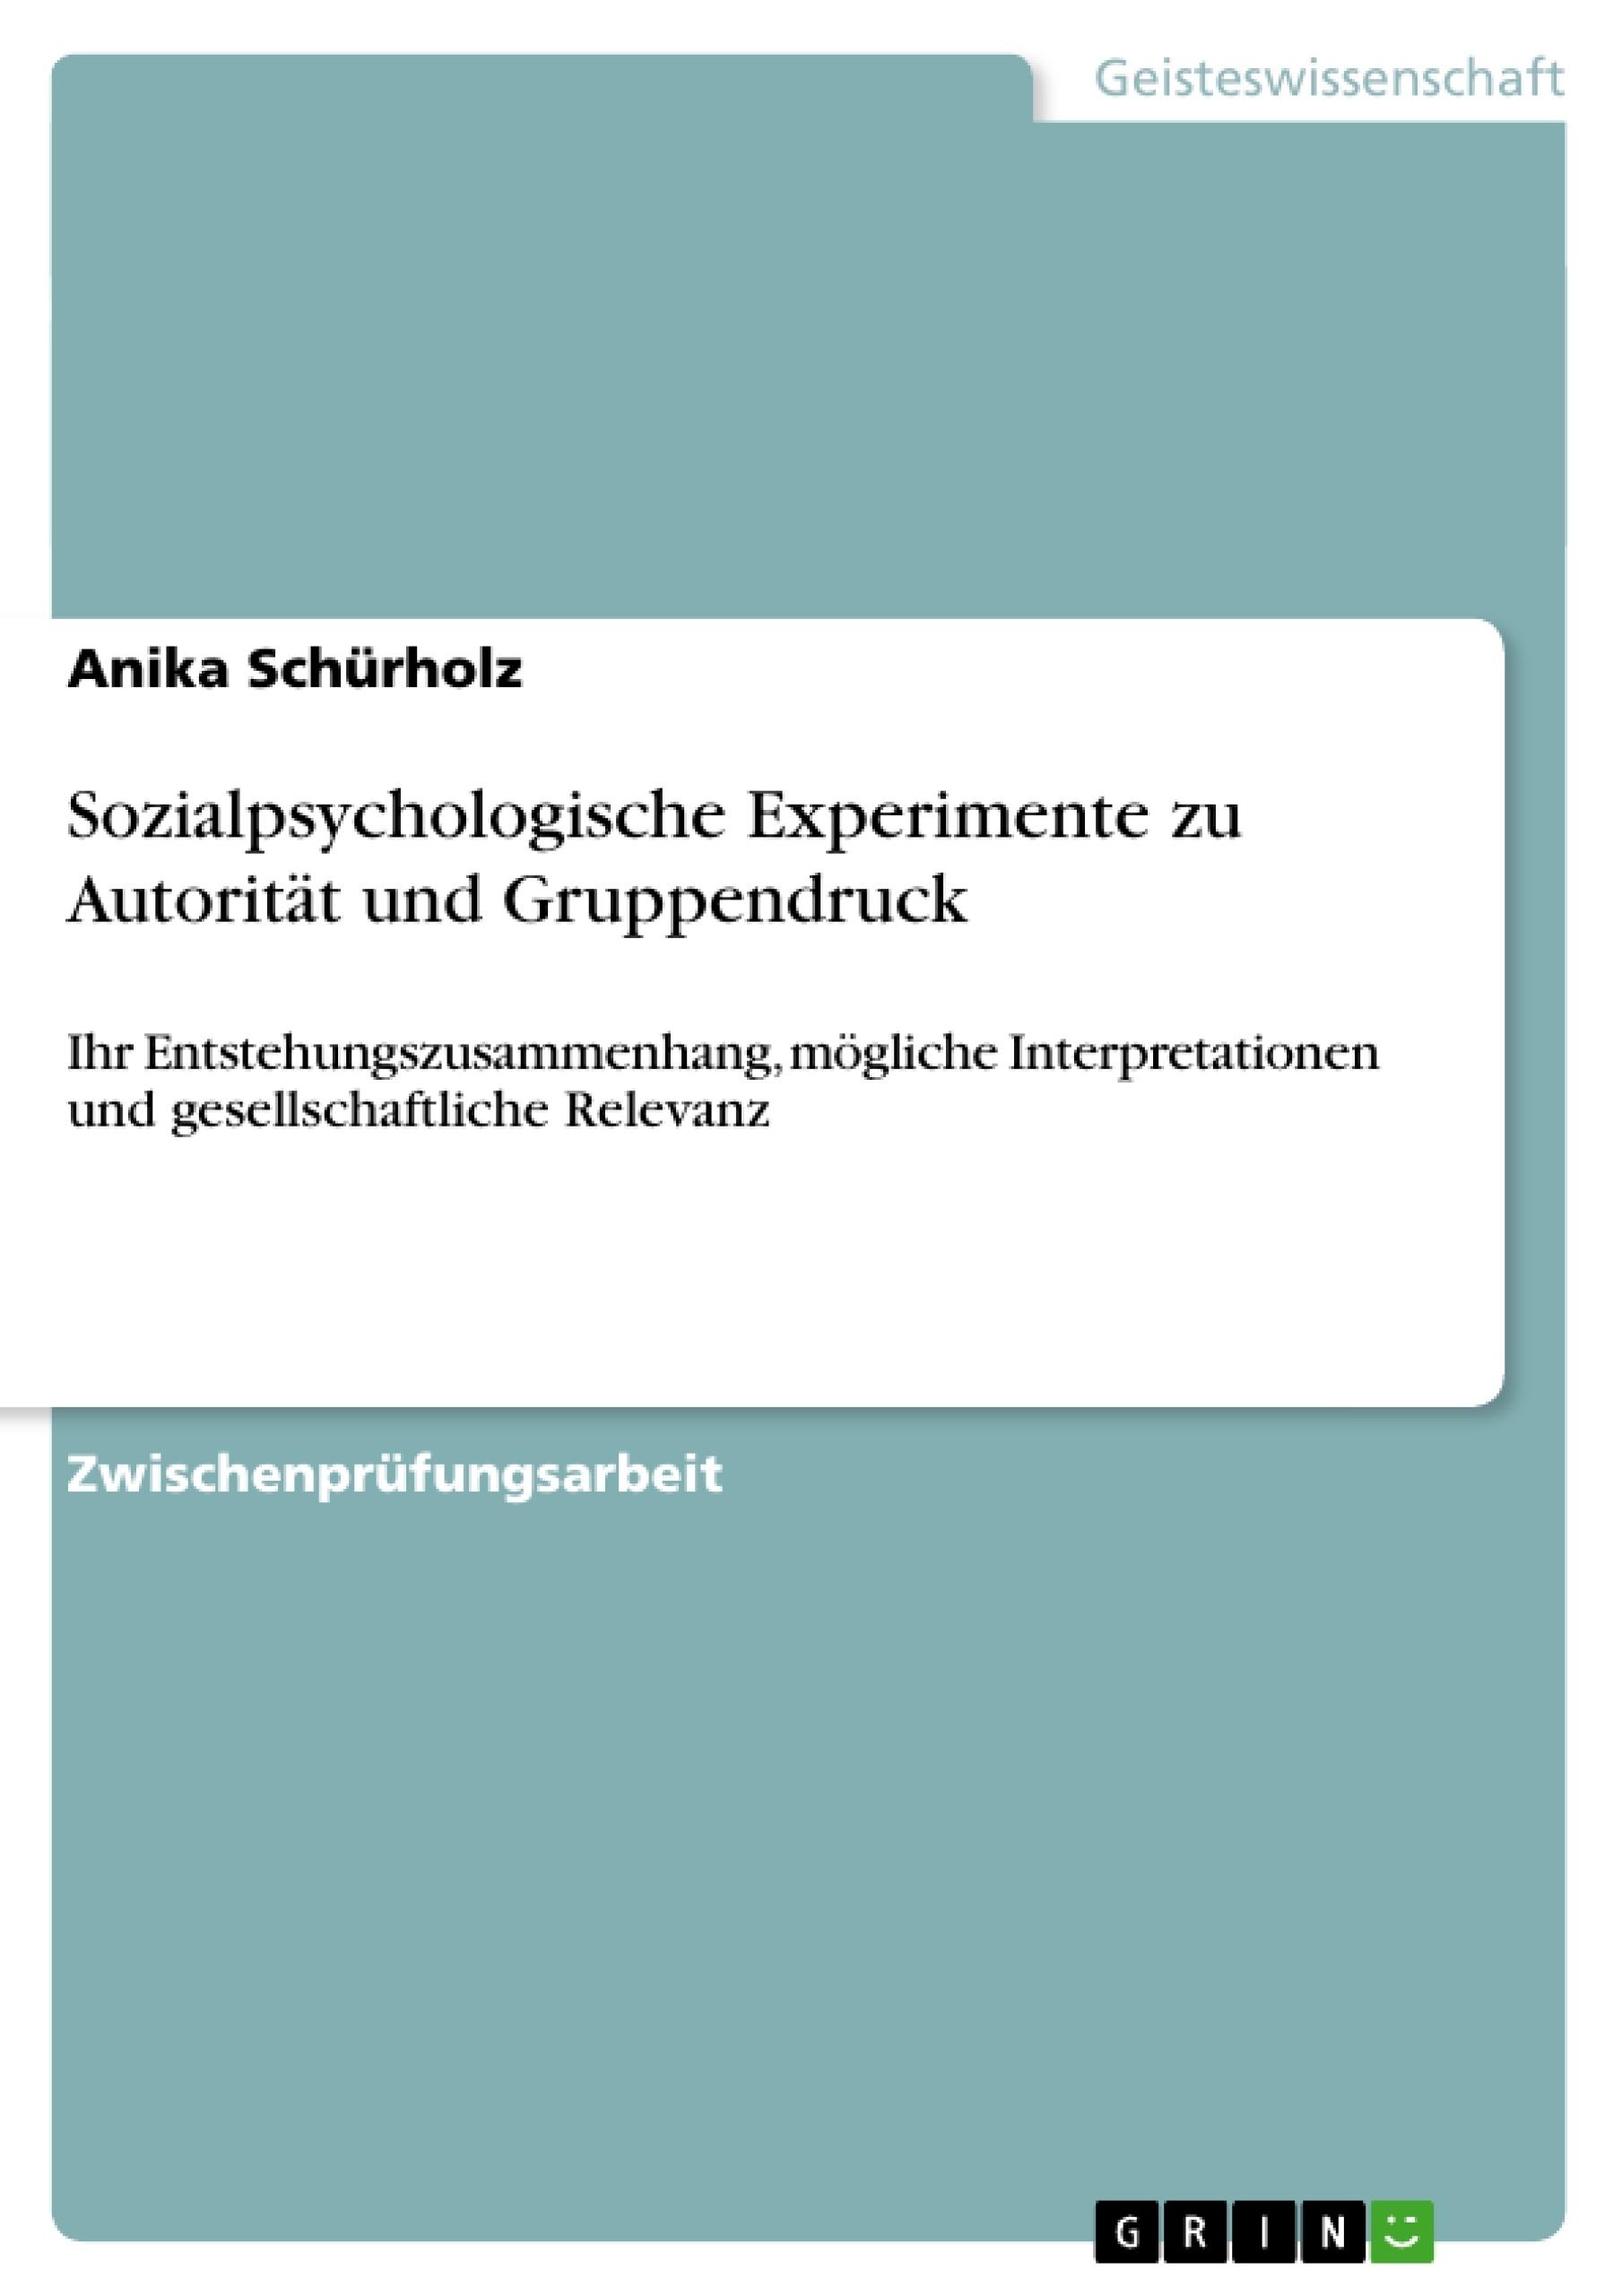 Titel: Sozialpsychologische Experimente zu Autorität und Gruppendruck